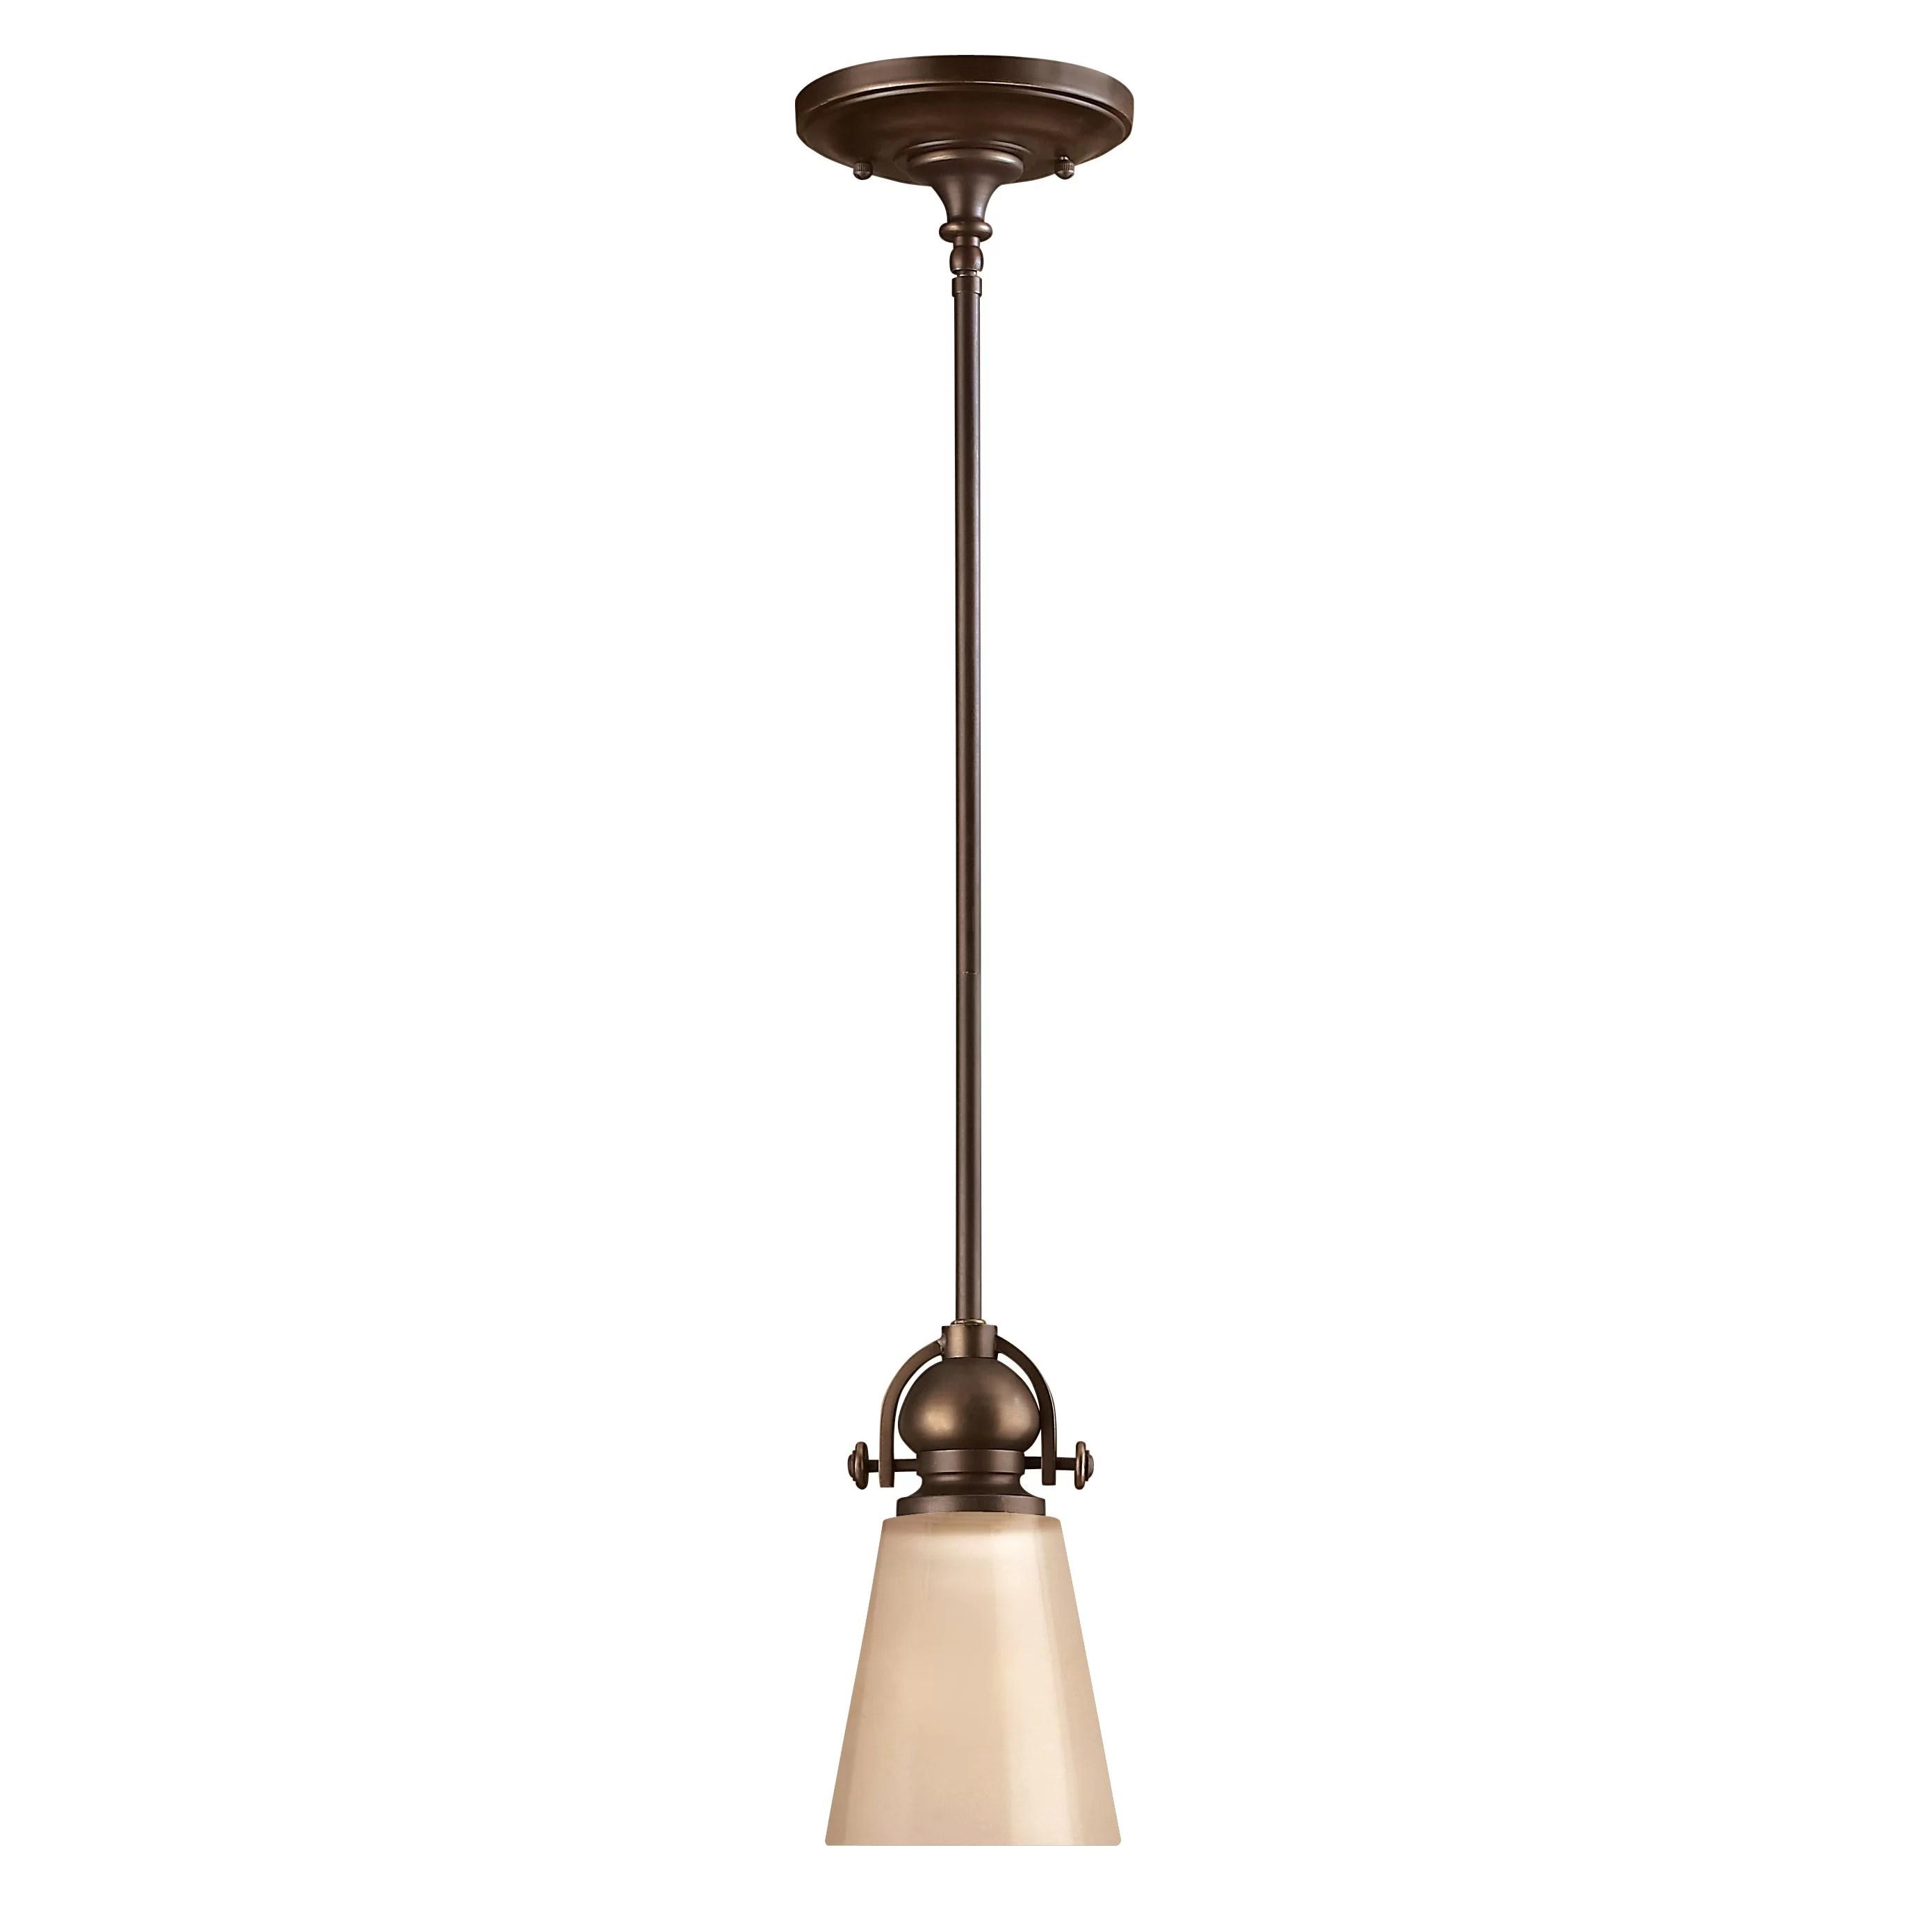 Hinkley Lighting Mayflower 1 Light Mini Pendant